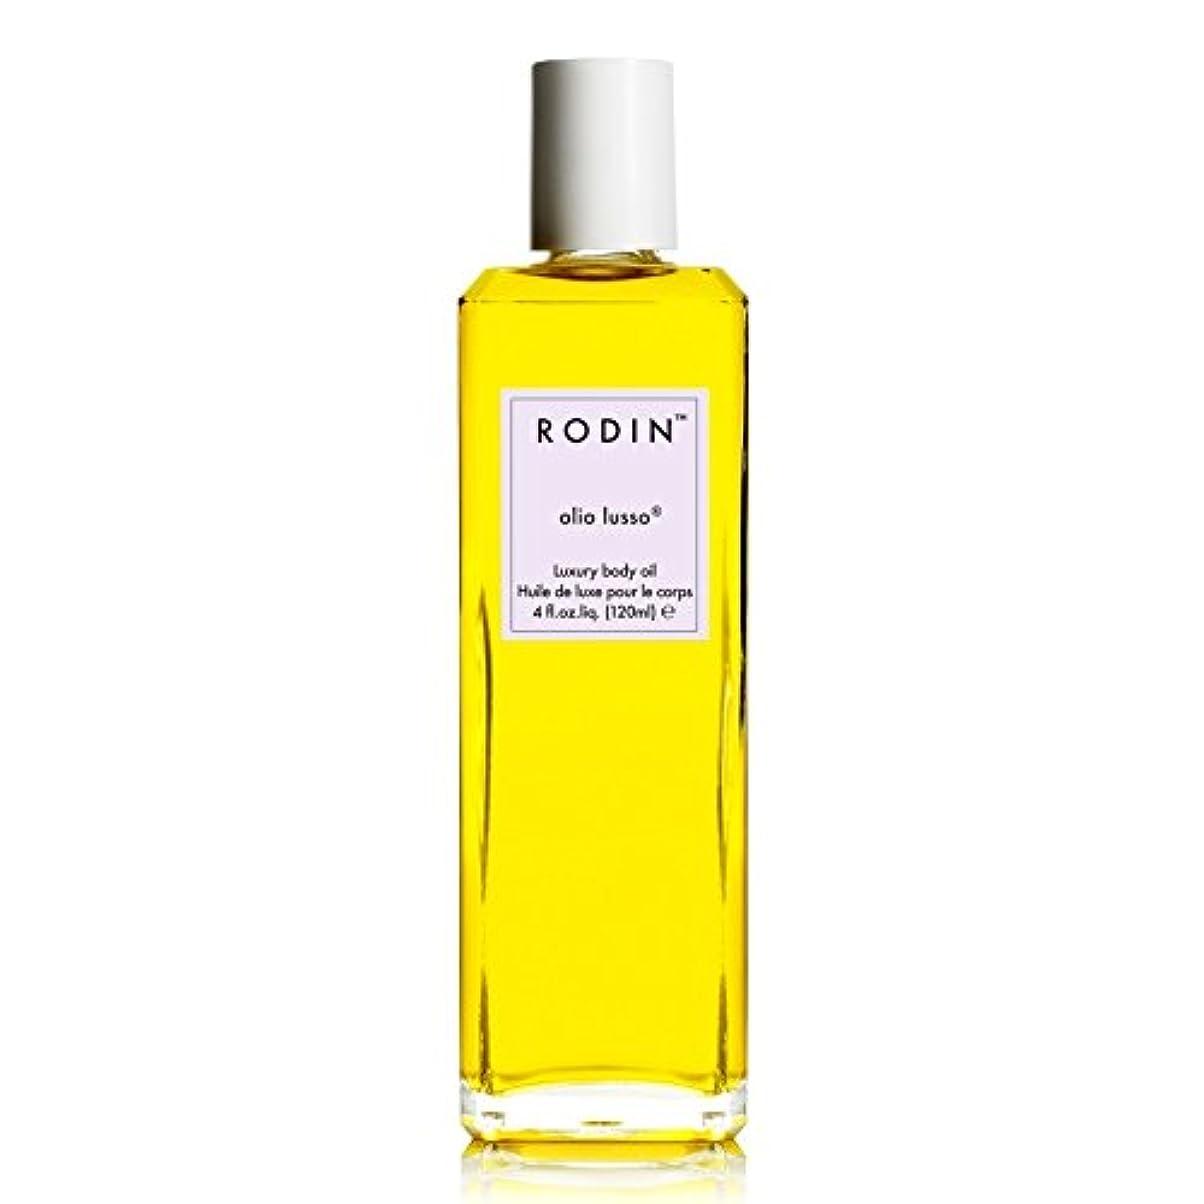 読者修復複製RODIN olio lusso Lavender Absolute Luxury Body Oil 30ml - ロダンルッソラベンダー絶対贅沢なボディオイル30ミリリットル [並行輸入品]